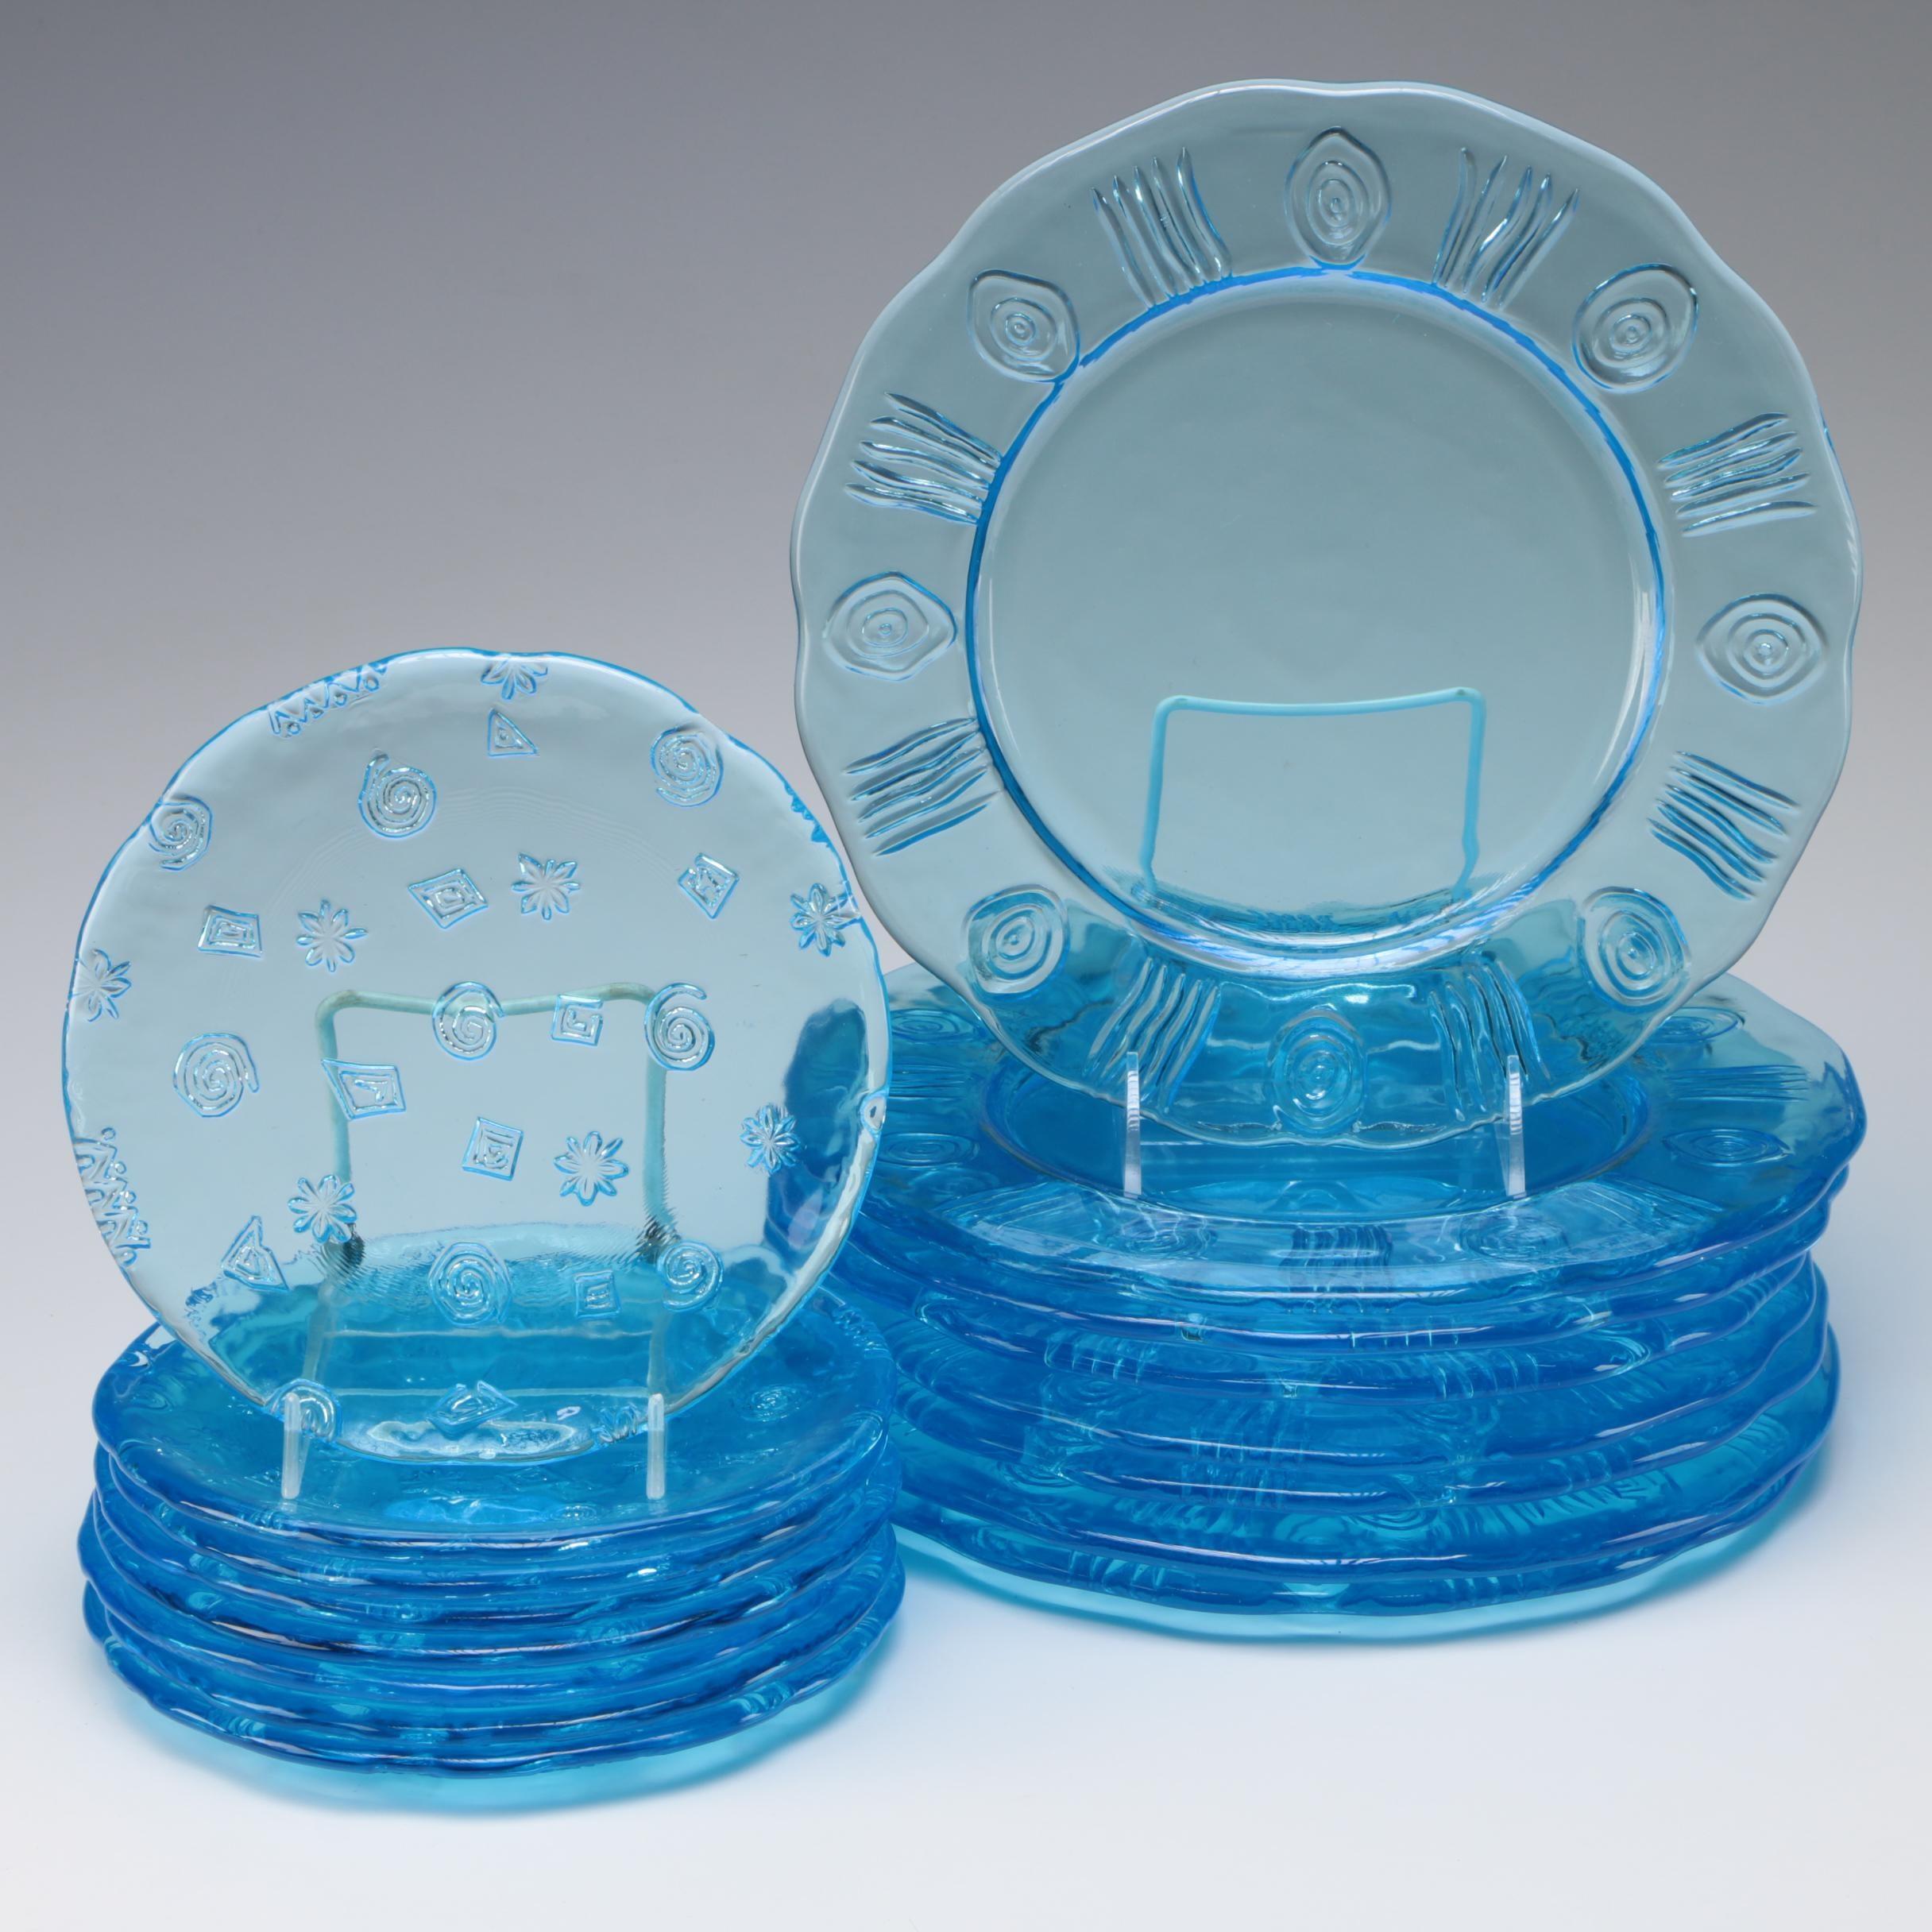 Contemporary Blue Glass Plates